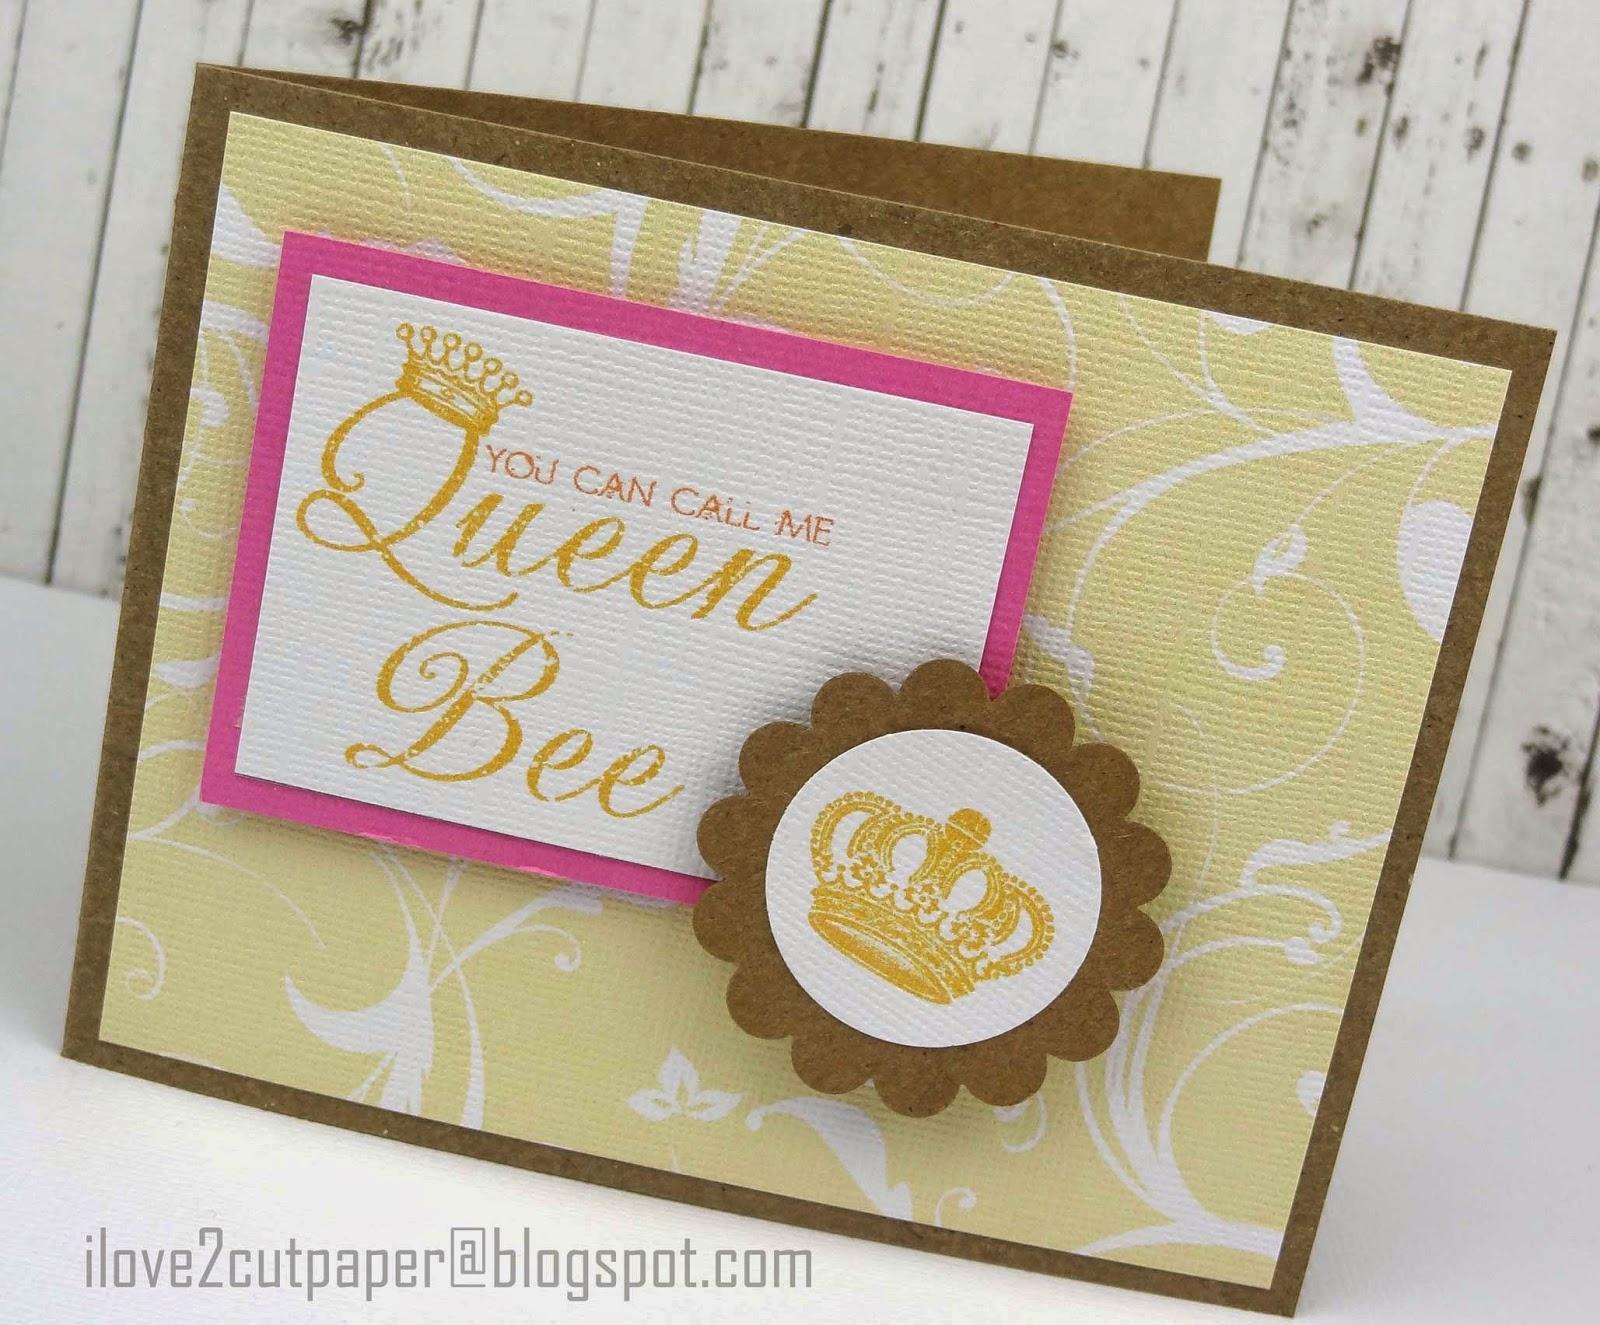 Queen Bee graphics